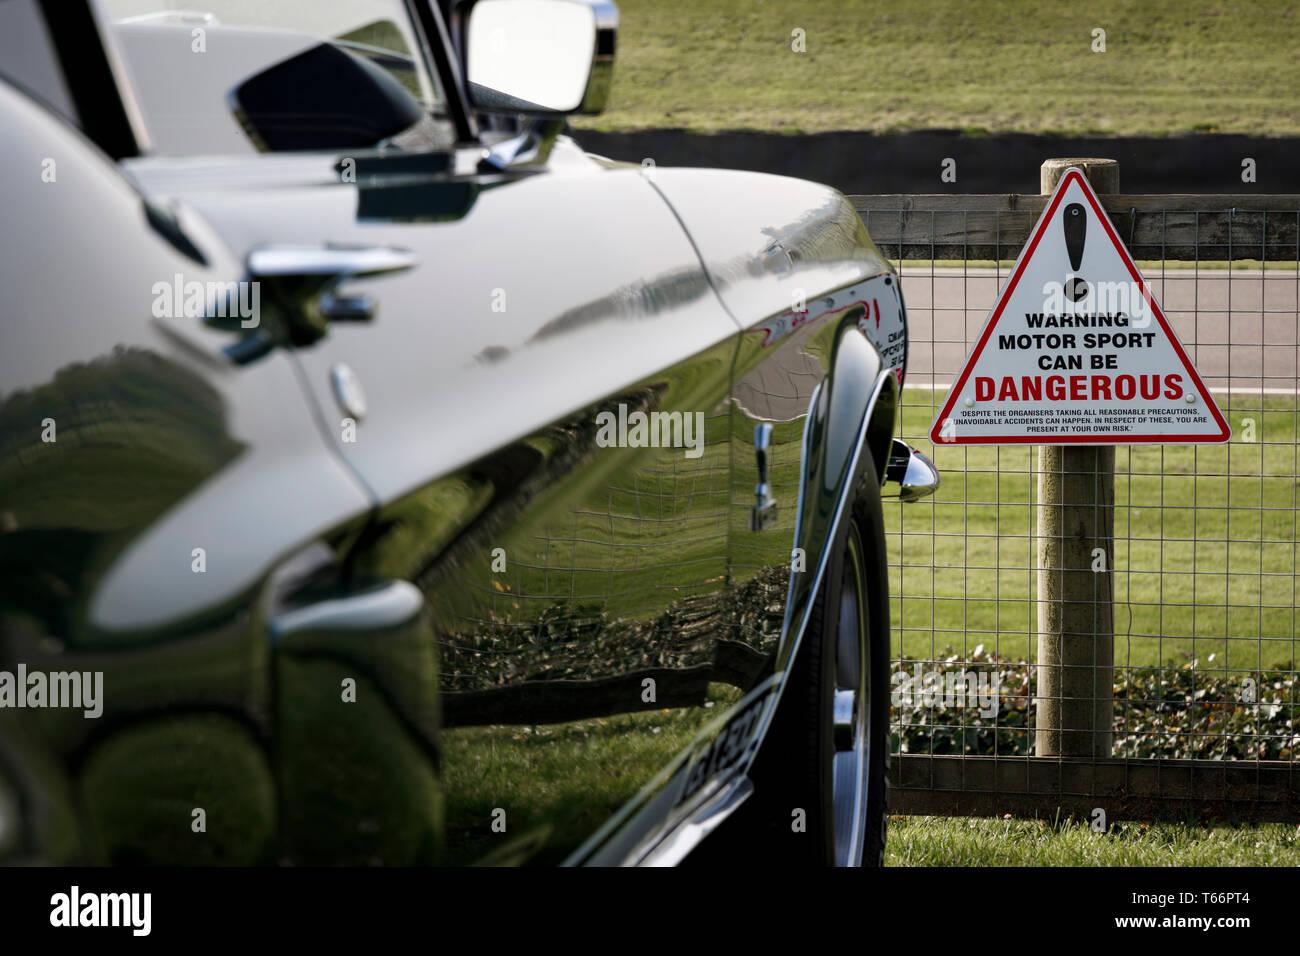 Le sport automobile d'avertissement peut être dangereux sur les circuits, clôture le long de la zone de visualisation de Lavant tout droit à la 77e réunion des membres GRRC Goodwood, UK Photo Stock